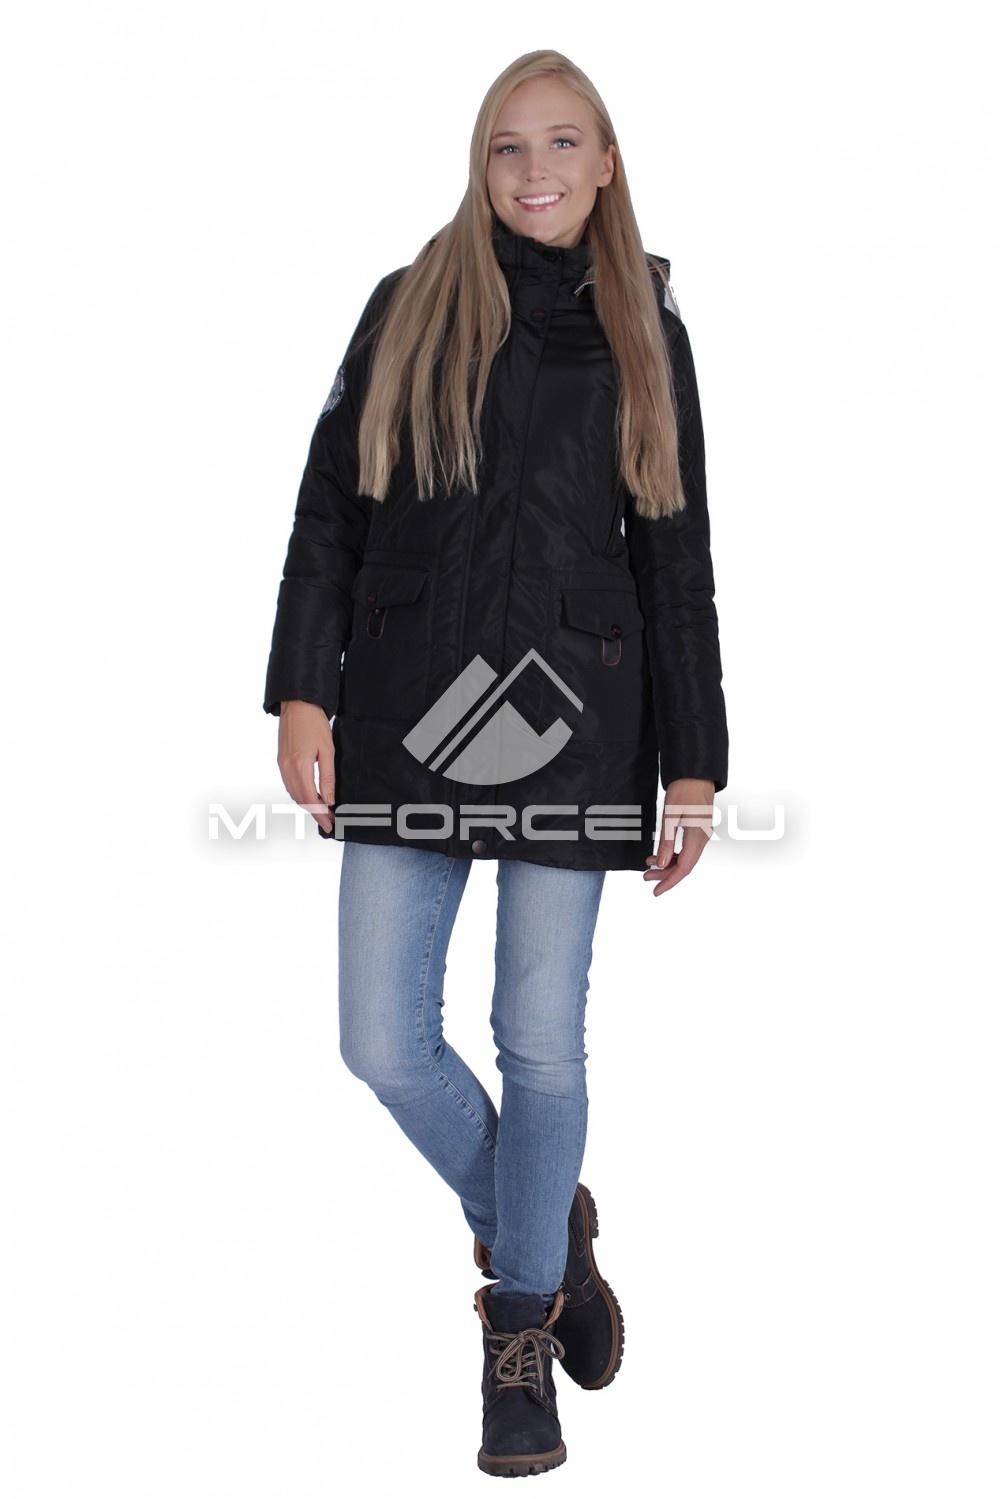 Купить                                  оптом Итальянская куртка женская черного цвета 1688Ch